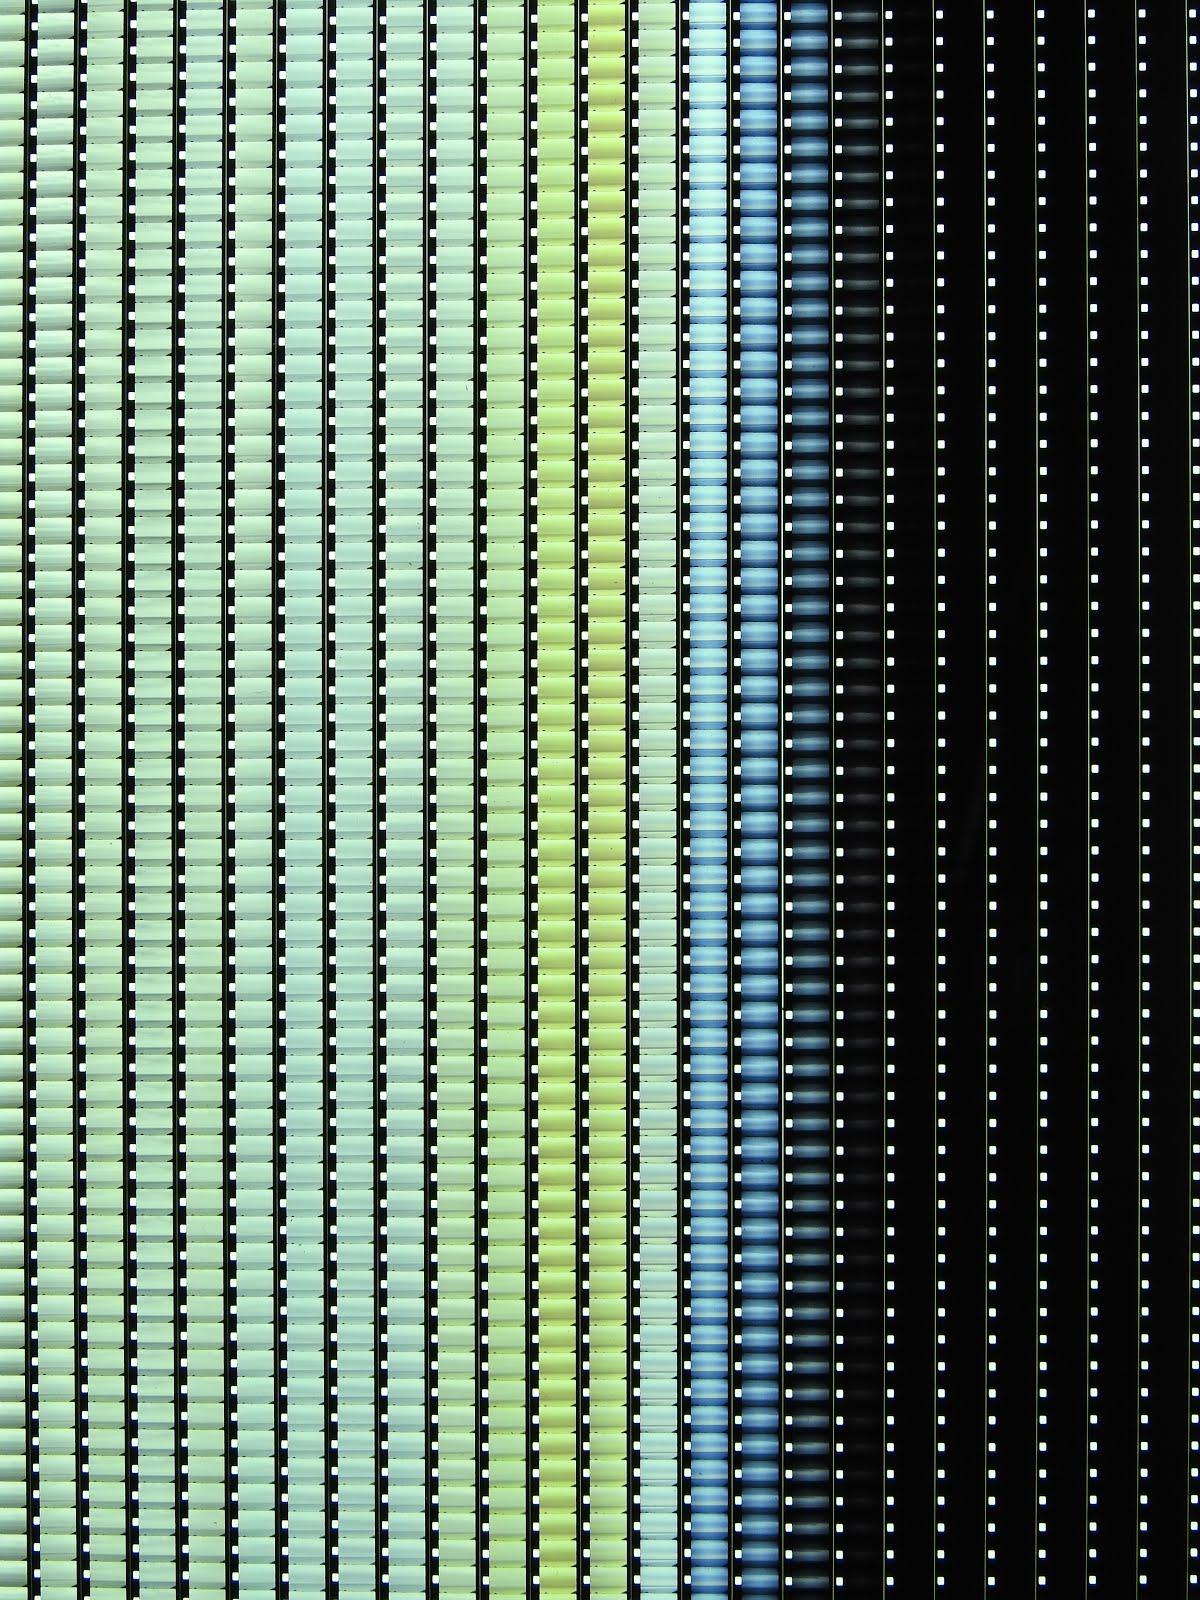 Peinture Pour Ecran Retroprojecteur re:voir vidéo + the film gallery: film-ecran : voyance et